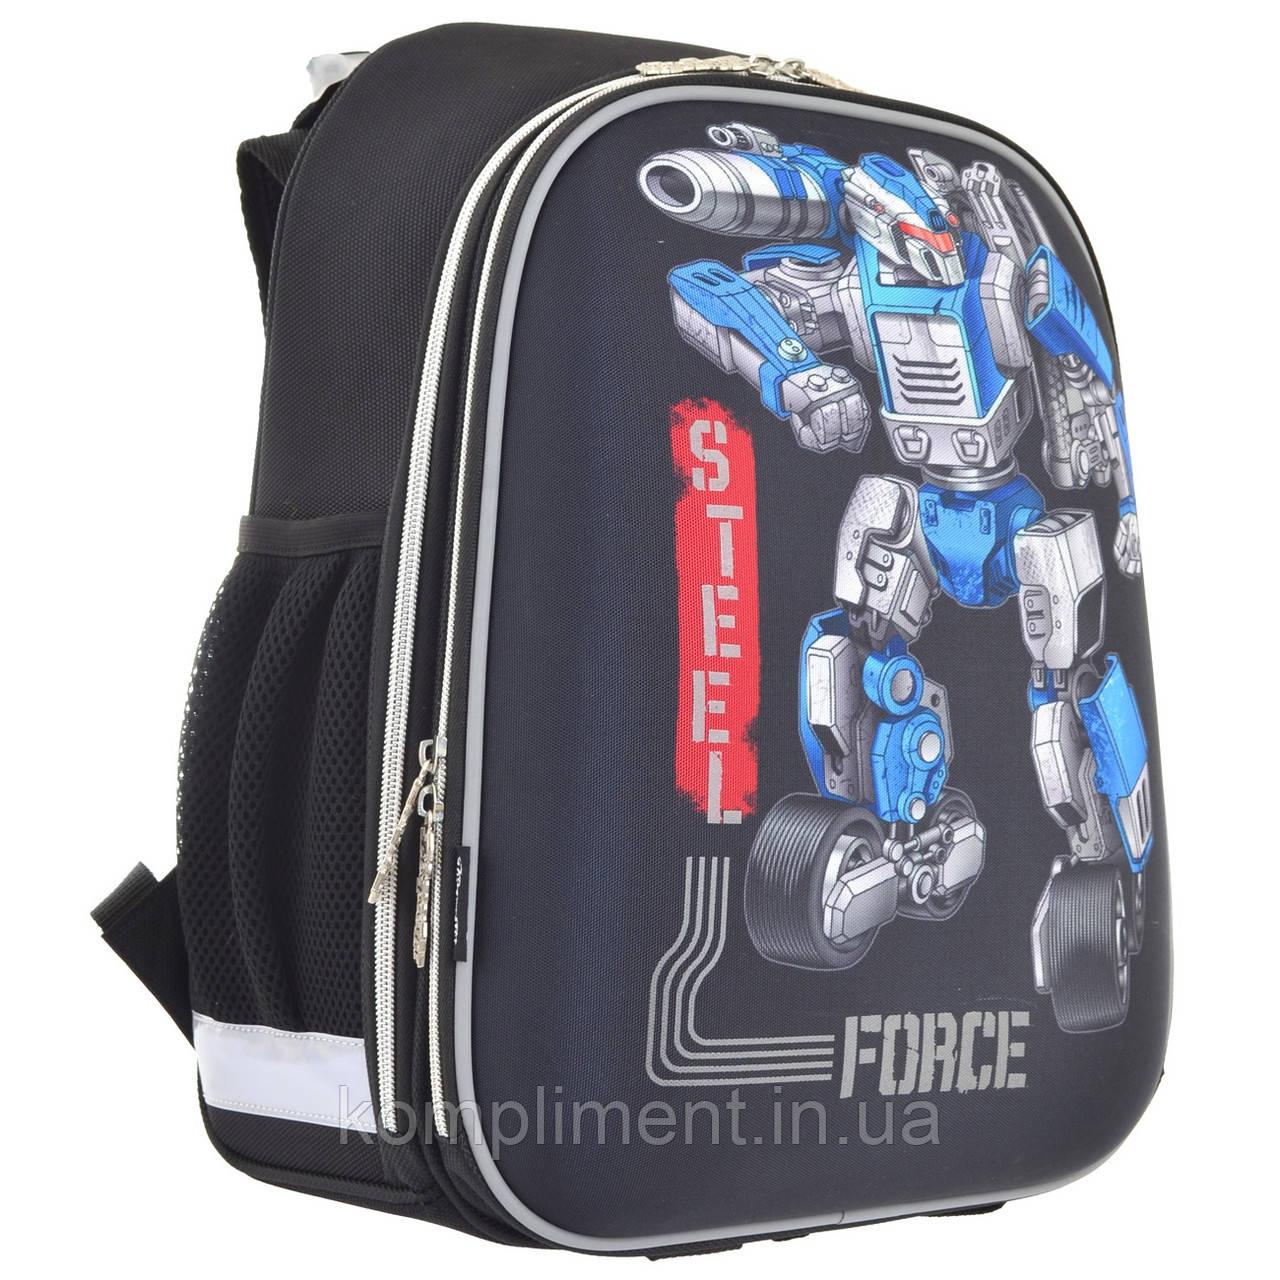 """Рюкзак школьный каркасный ортопедический для мальчика Н-12  """"Steel Force"""""""